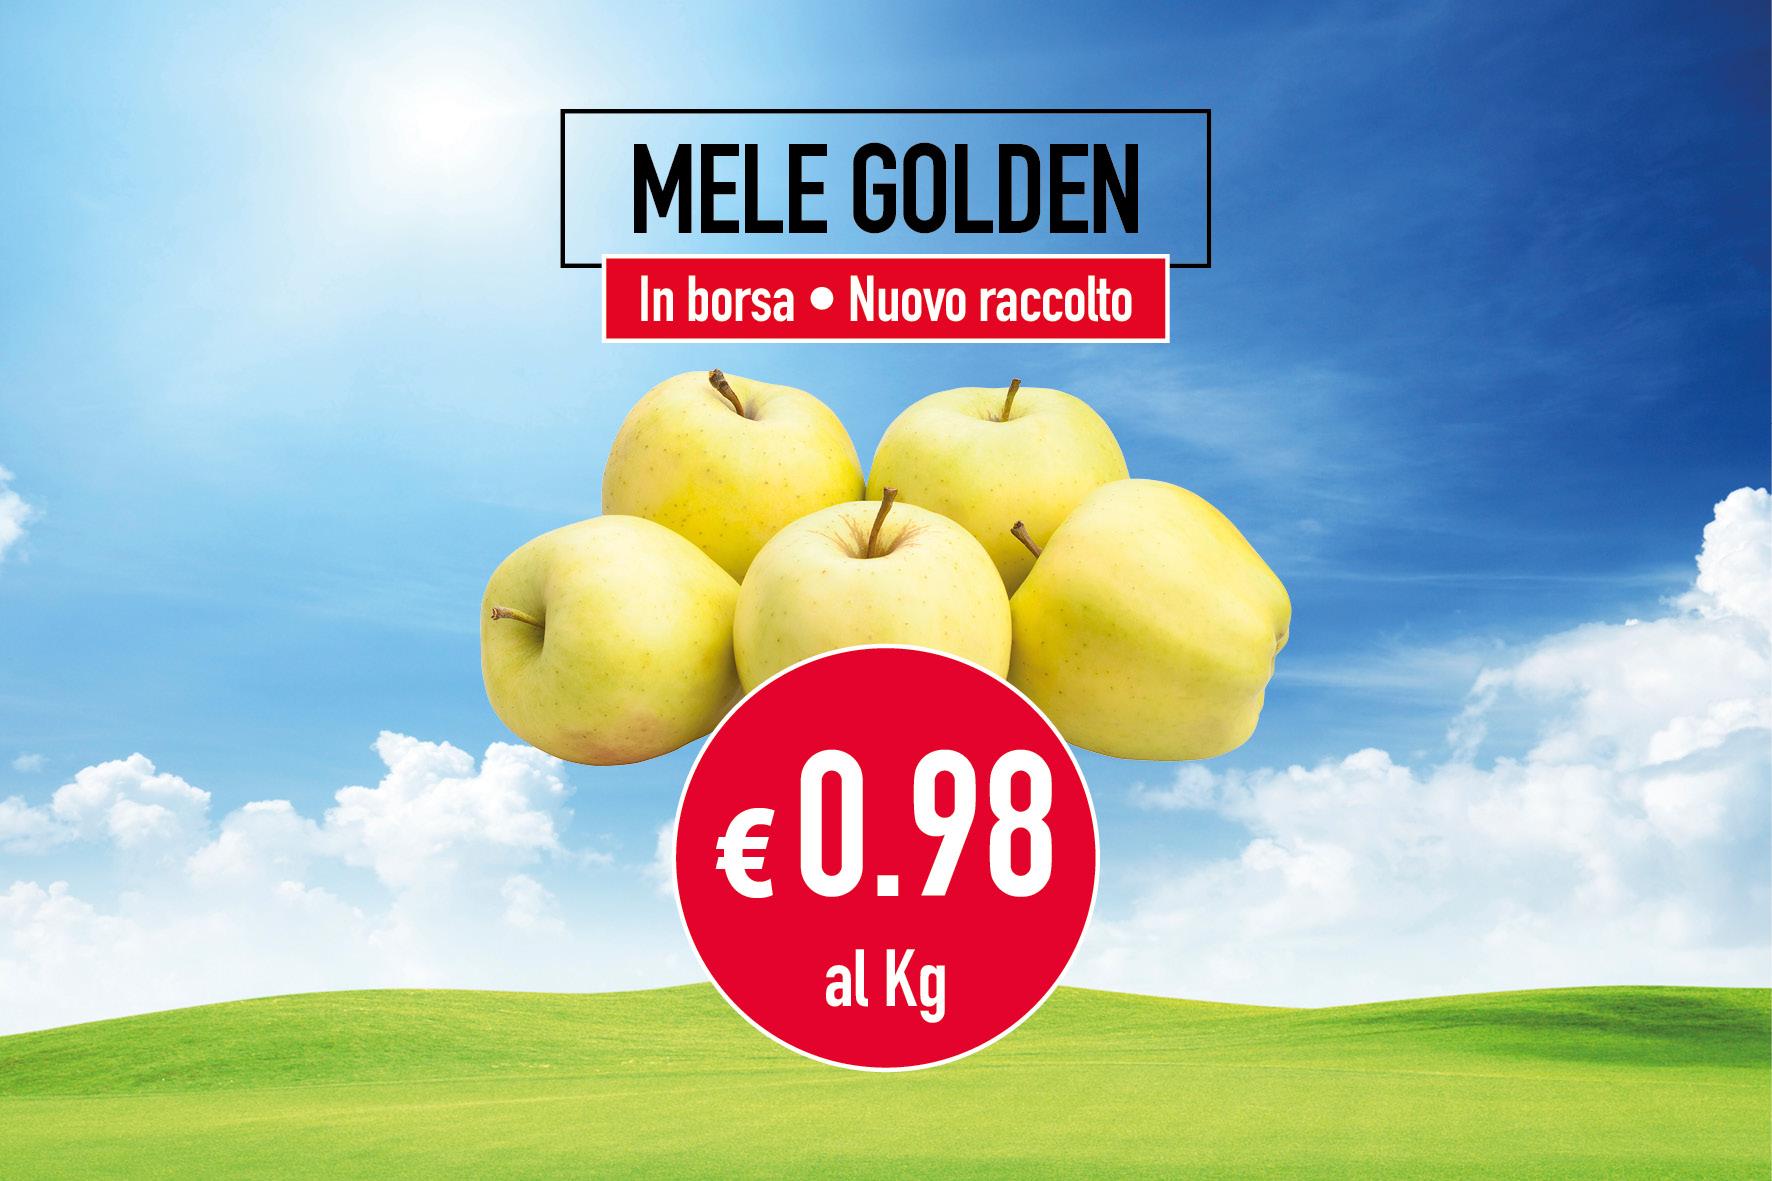 Mele Golden